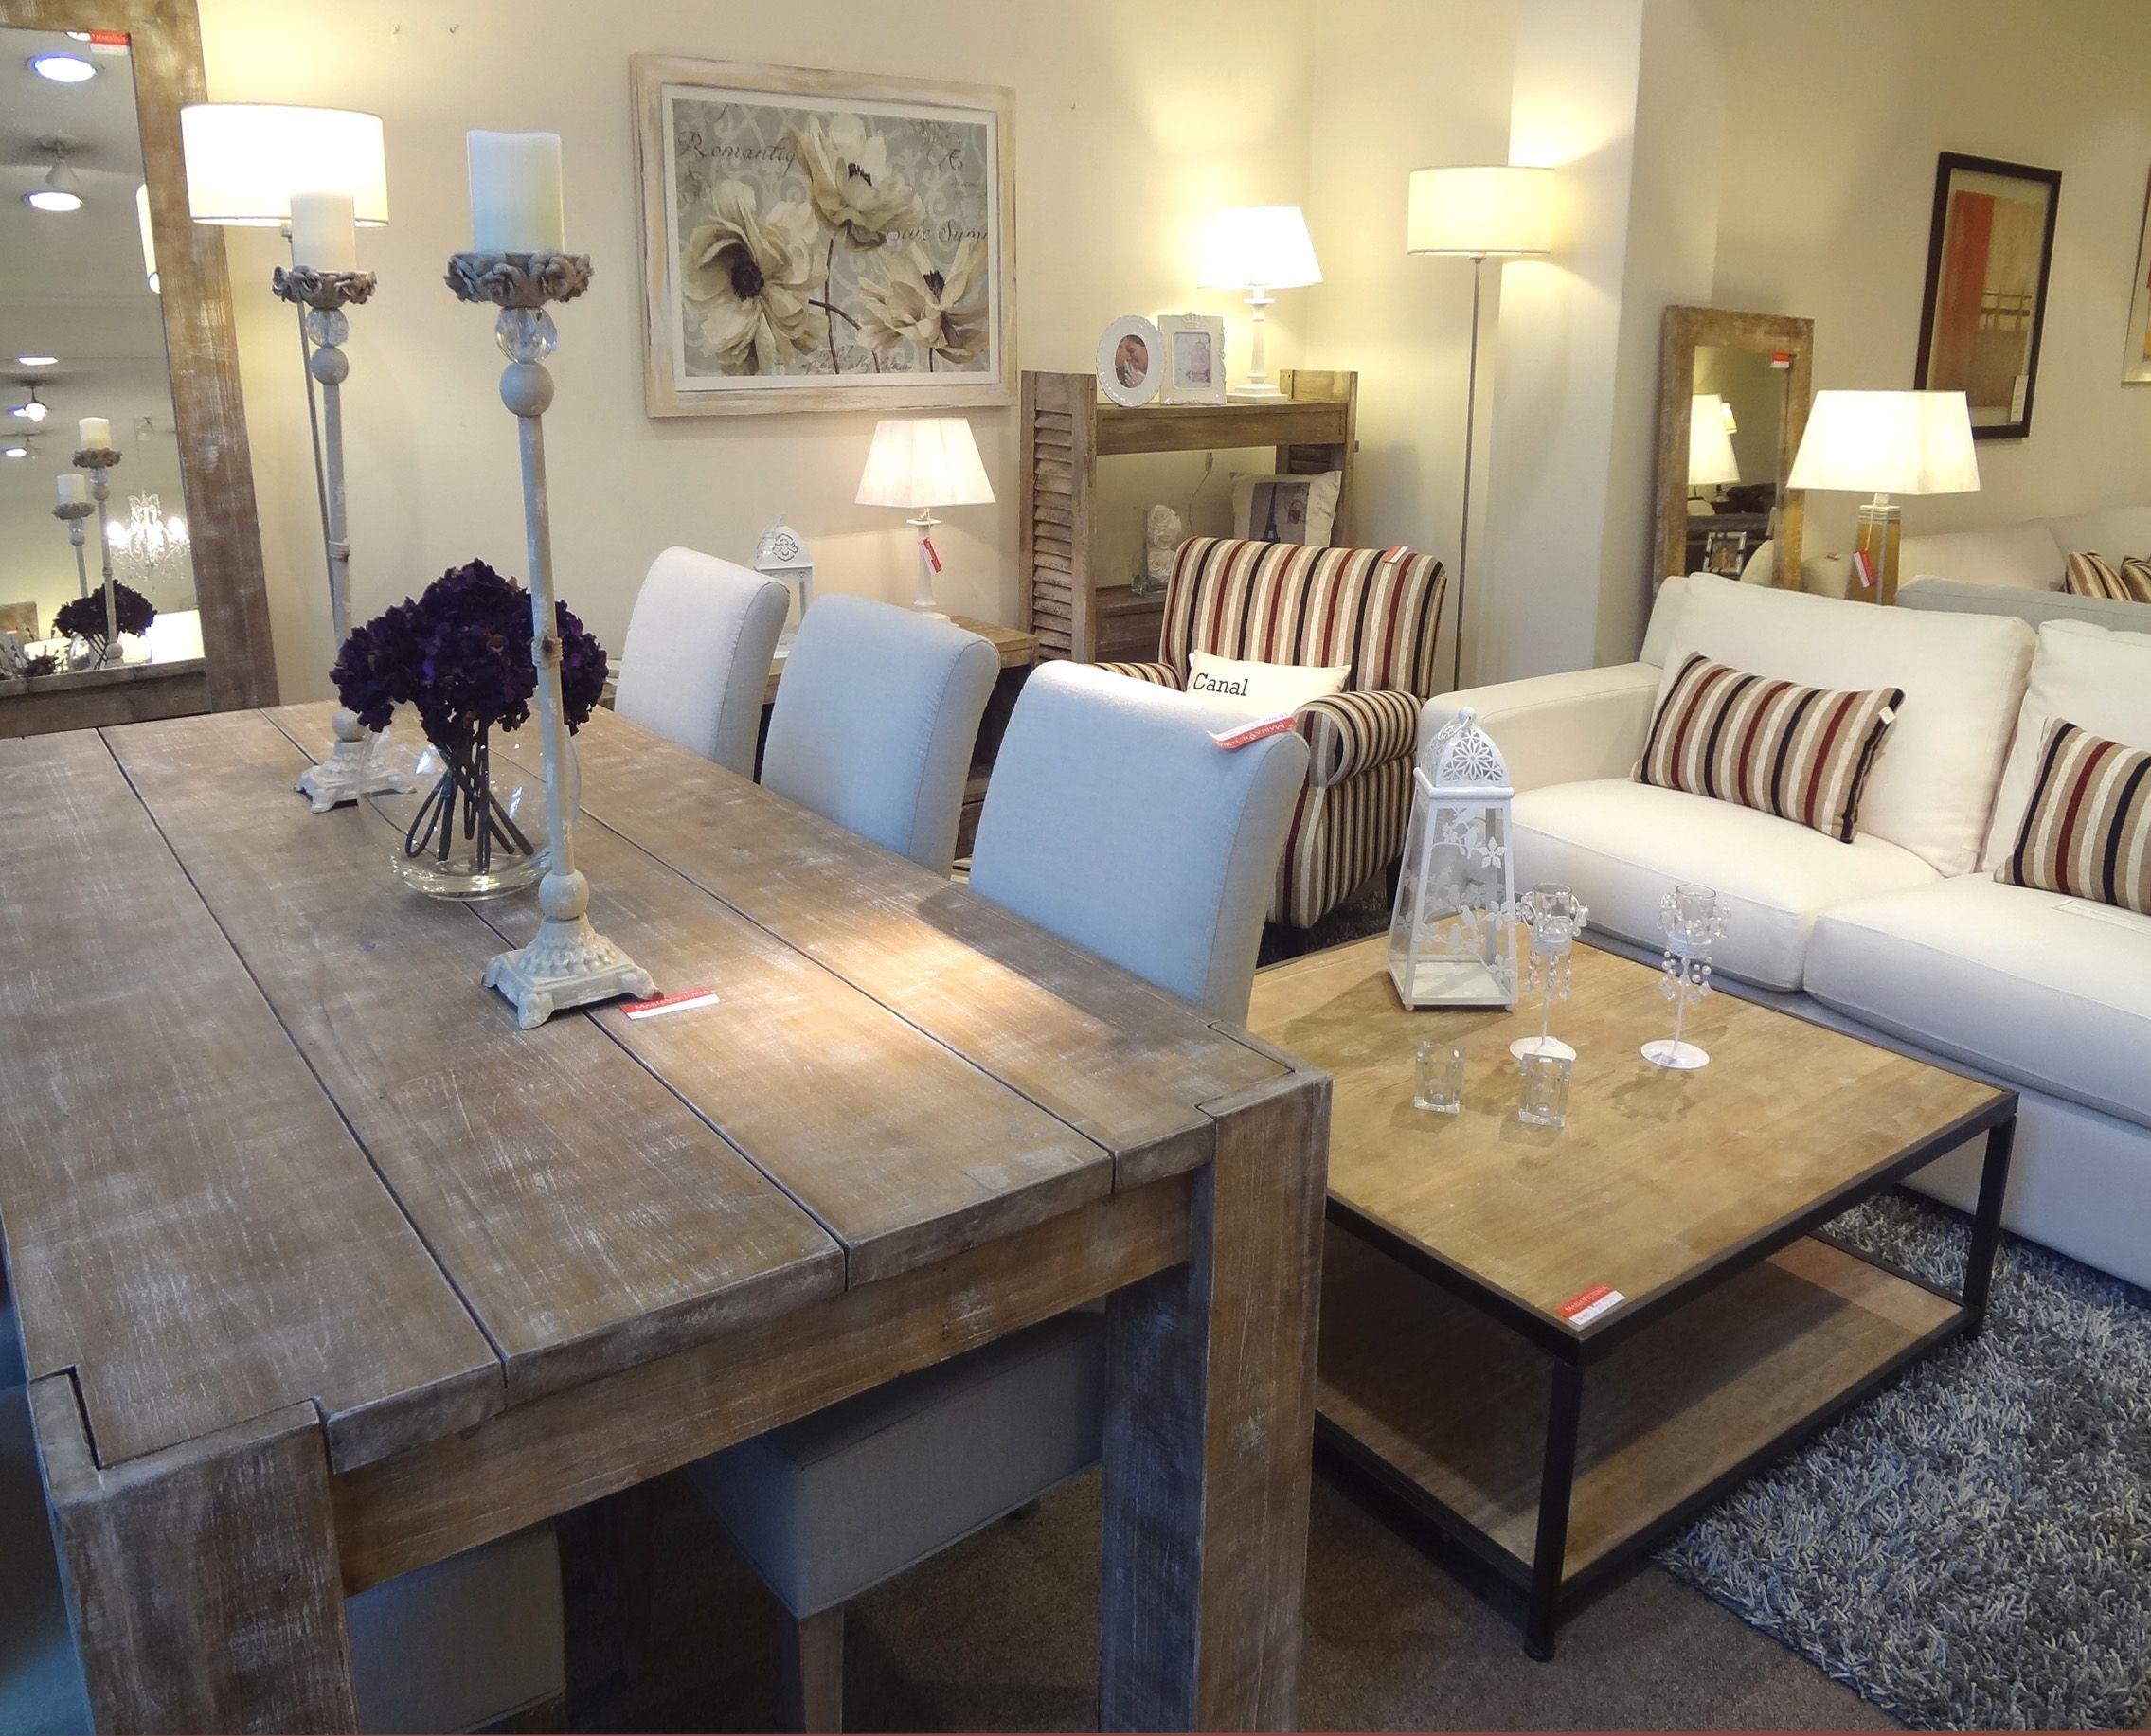 Mesa rústica con sillas Torino. Atrás, mesa de centro en madera y ...